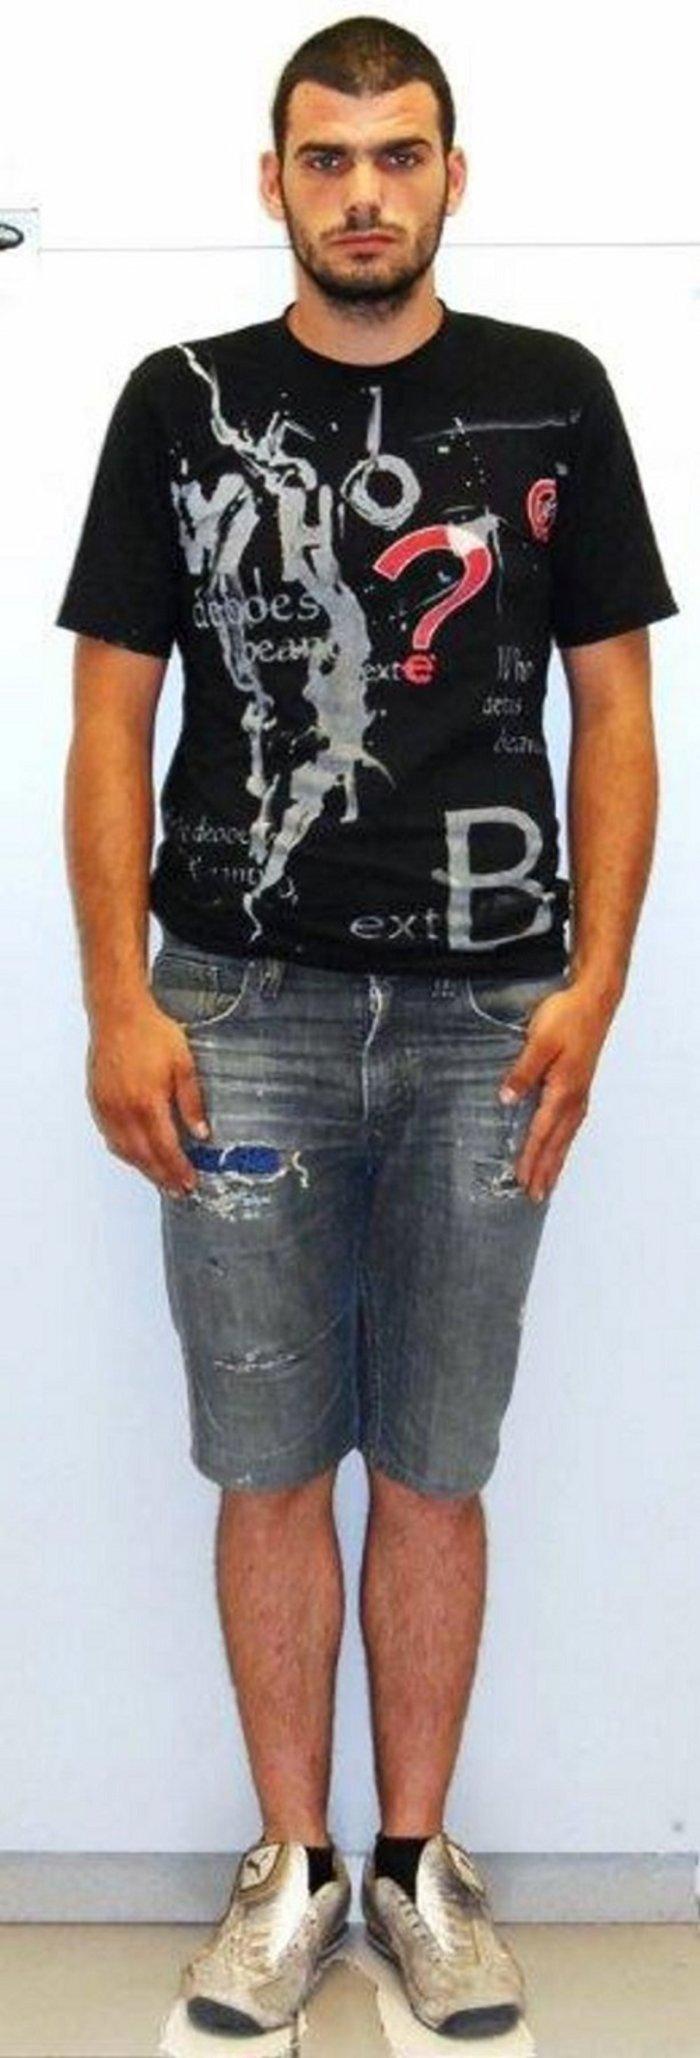 Αυτός κατηγορείται για βιασμούς σε ασανσέρ στον Πειραιά